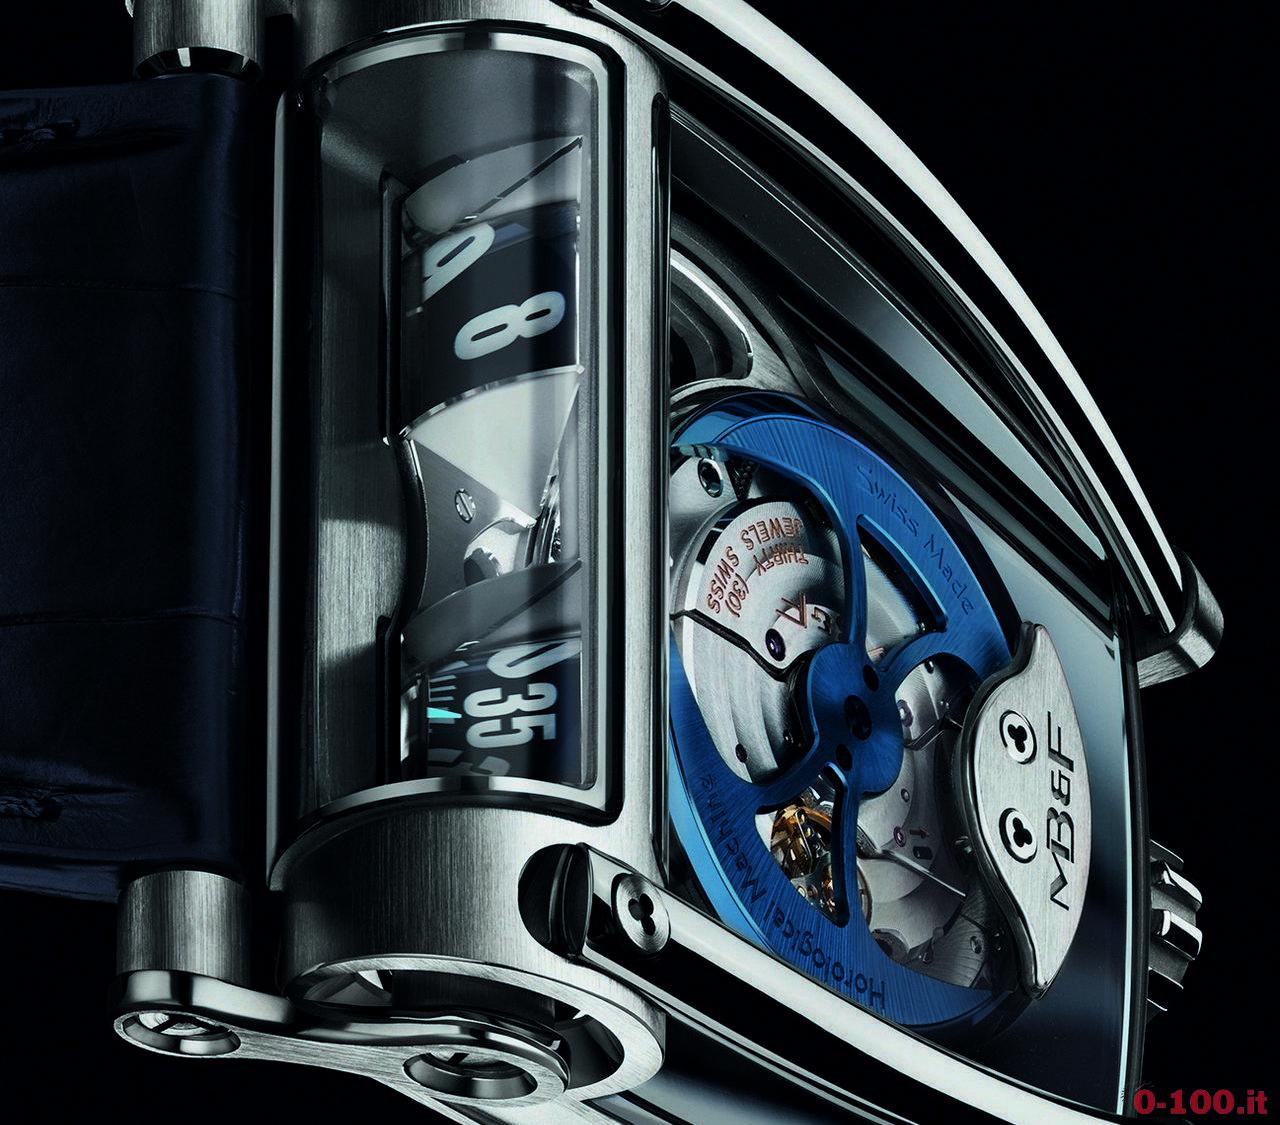 mbf-horological-machine-n8-can-am-prezzo-price_0-1005